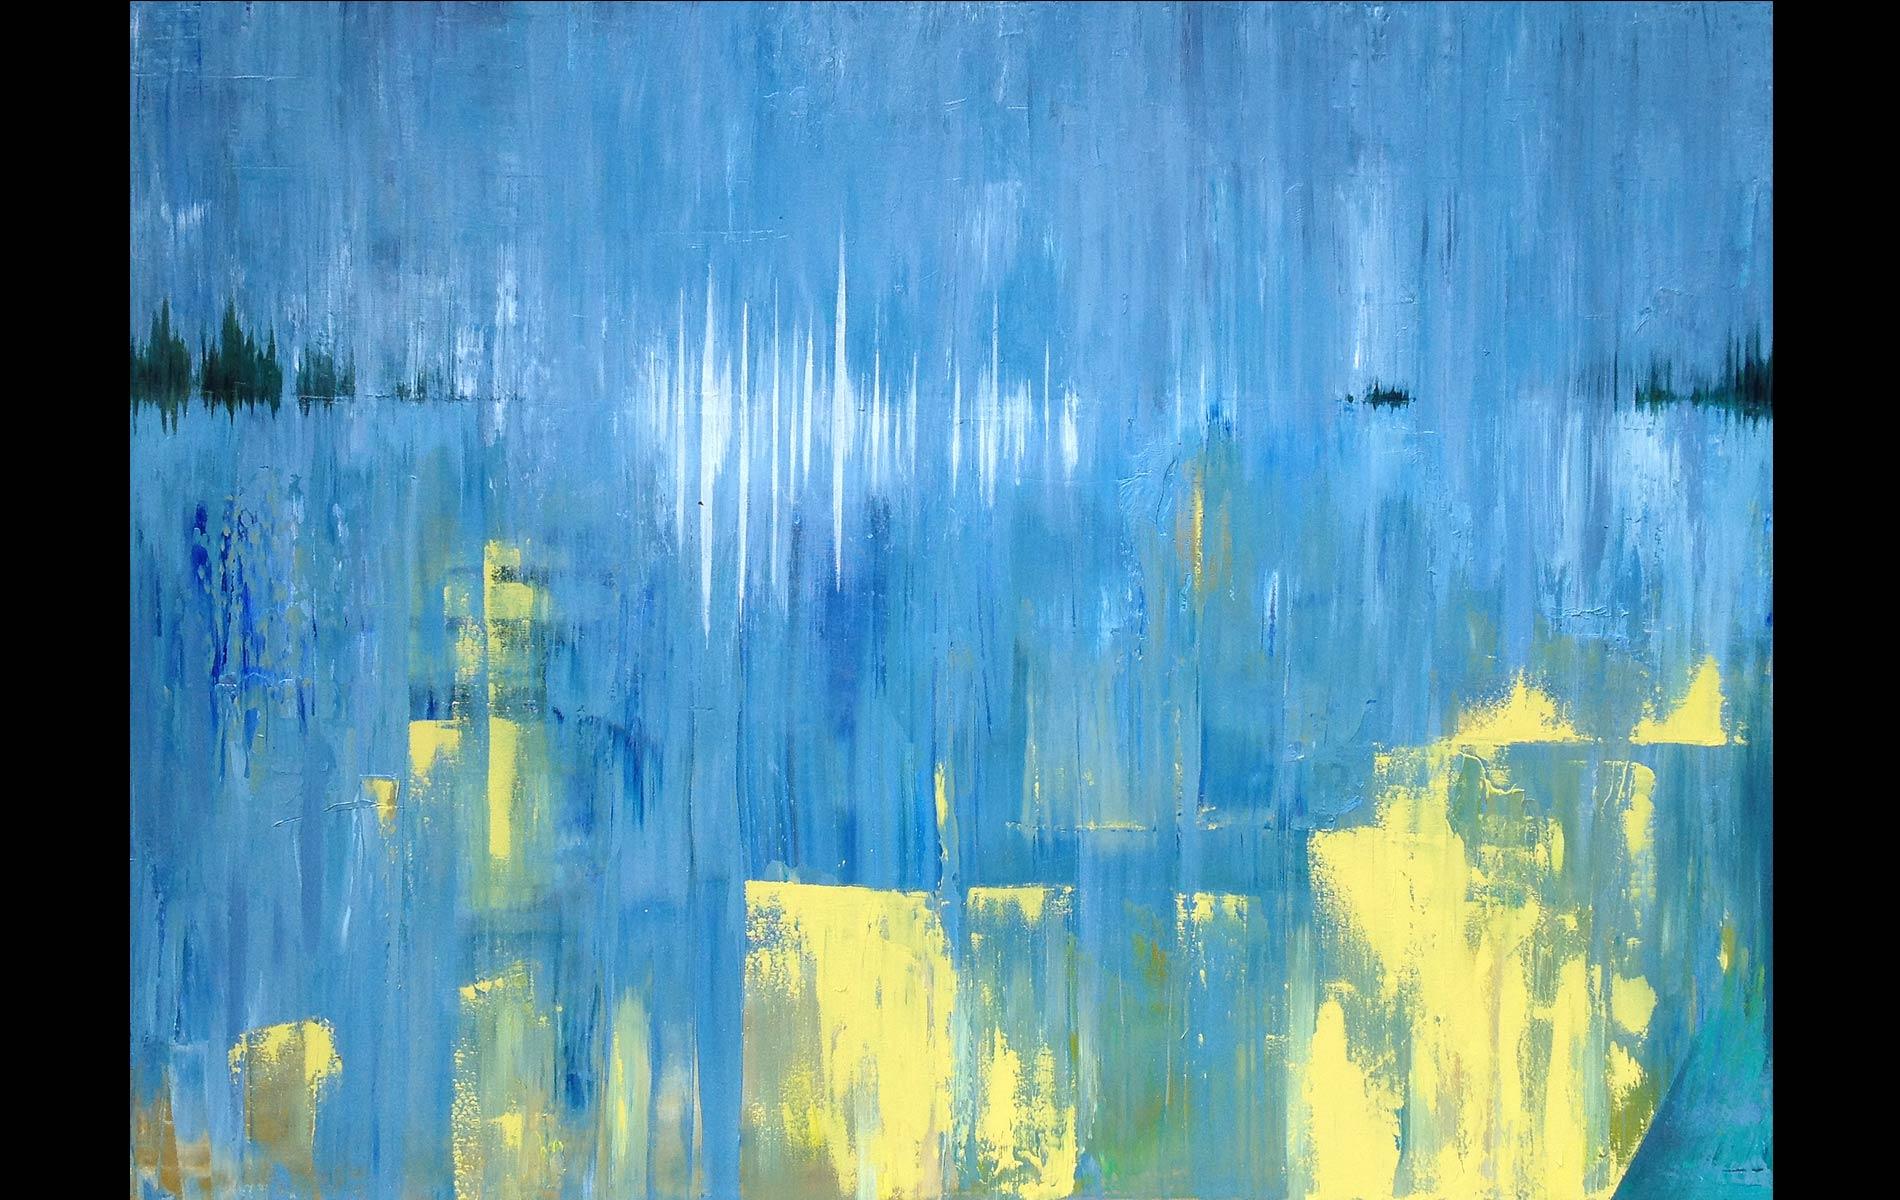 Beach, 2013, Oil on Canvas, 36 x 48